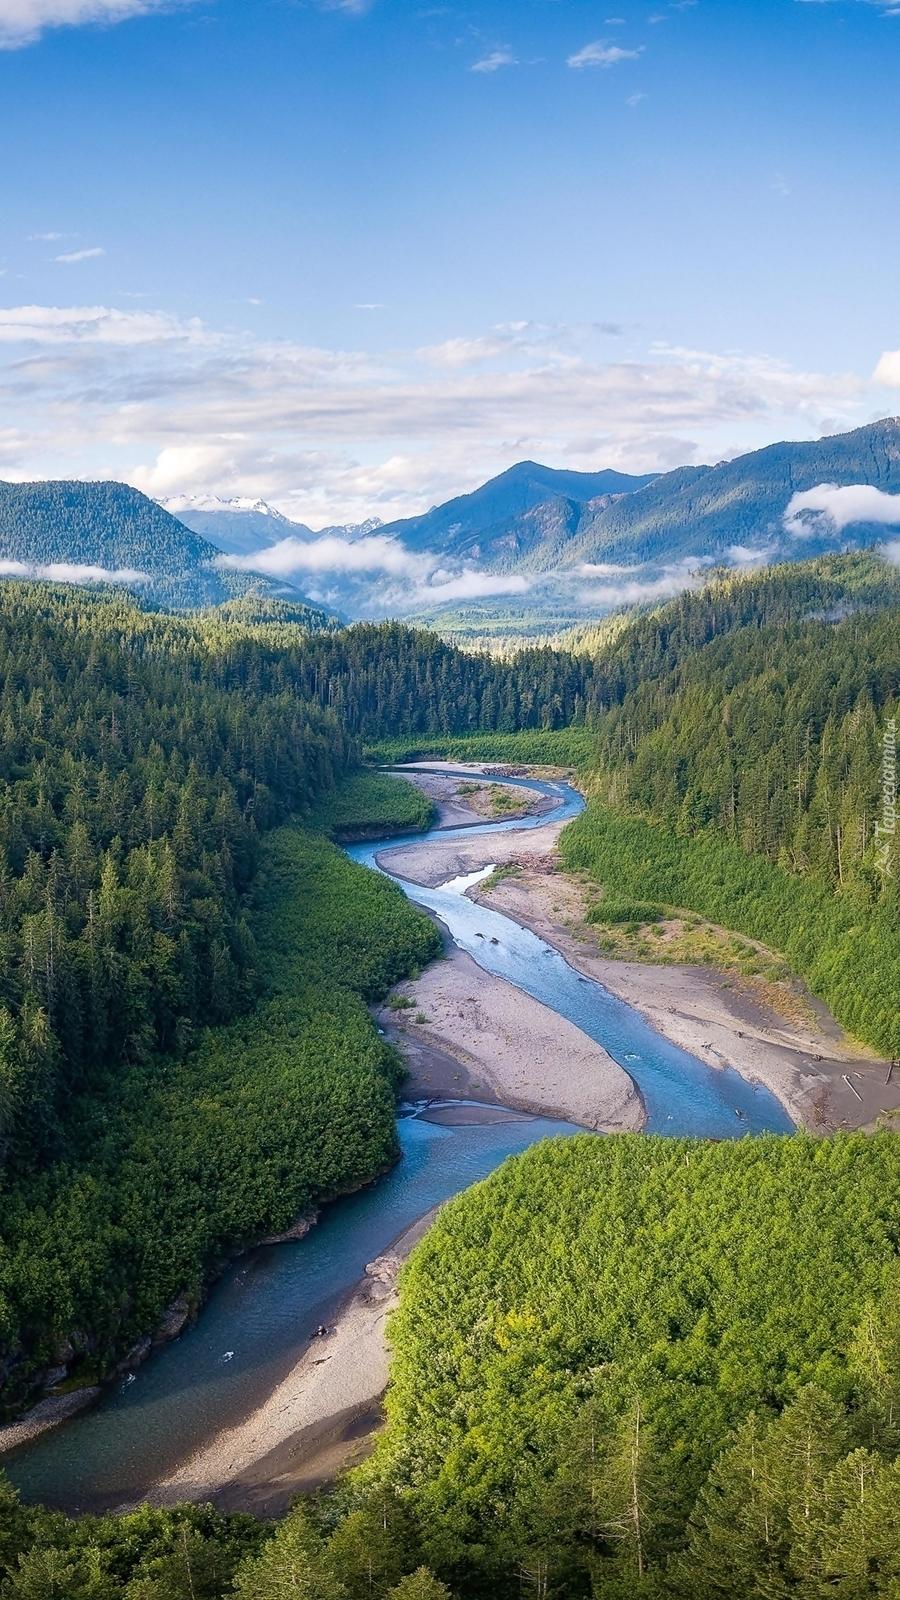 Lasy wzdłuż rzeki Elwha River